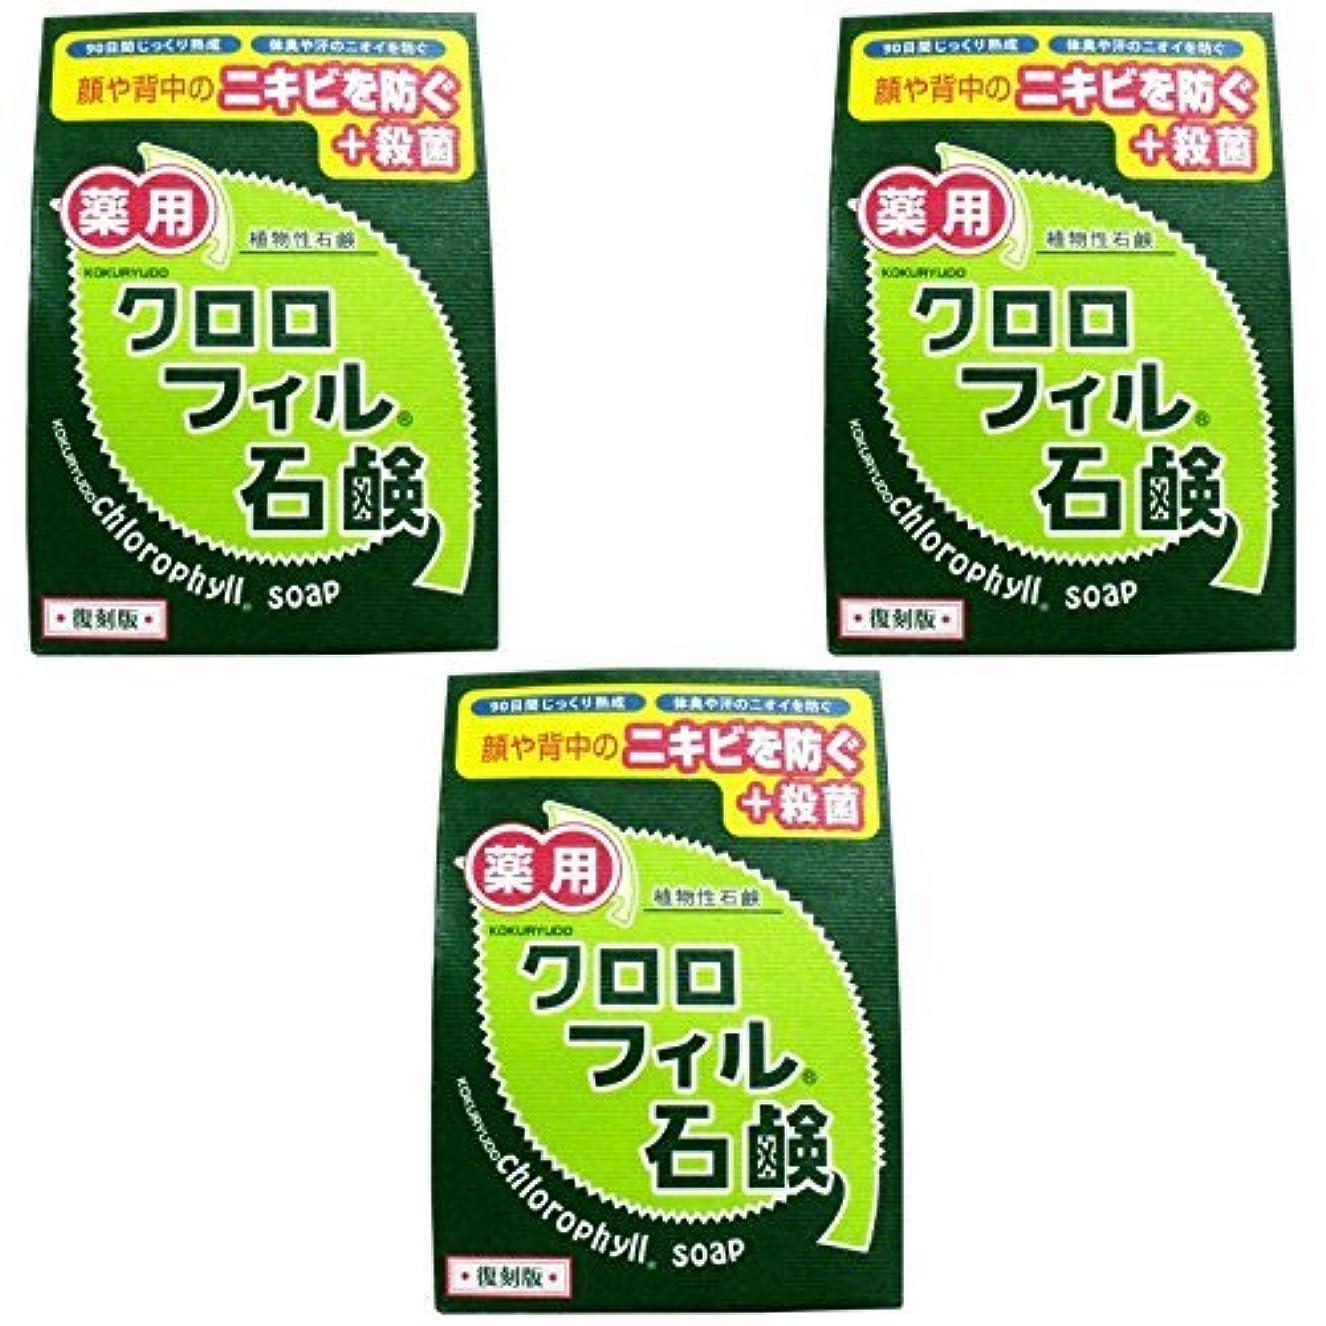 再生知覚的意欲【まとめ買い】クロロフィル石鹸 復刻版 85g (医薬部外品)【×3個】